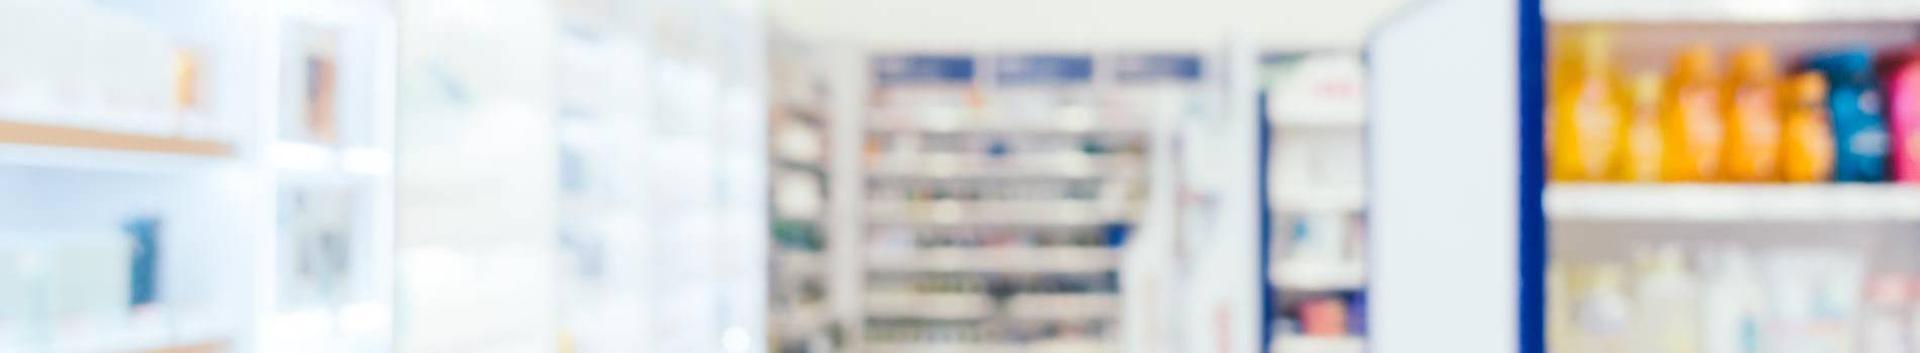 apteegid jms teenused, tooted, konsultatsioonid